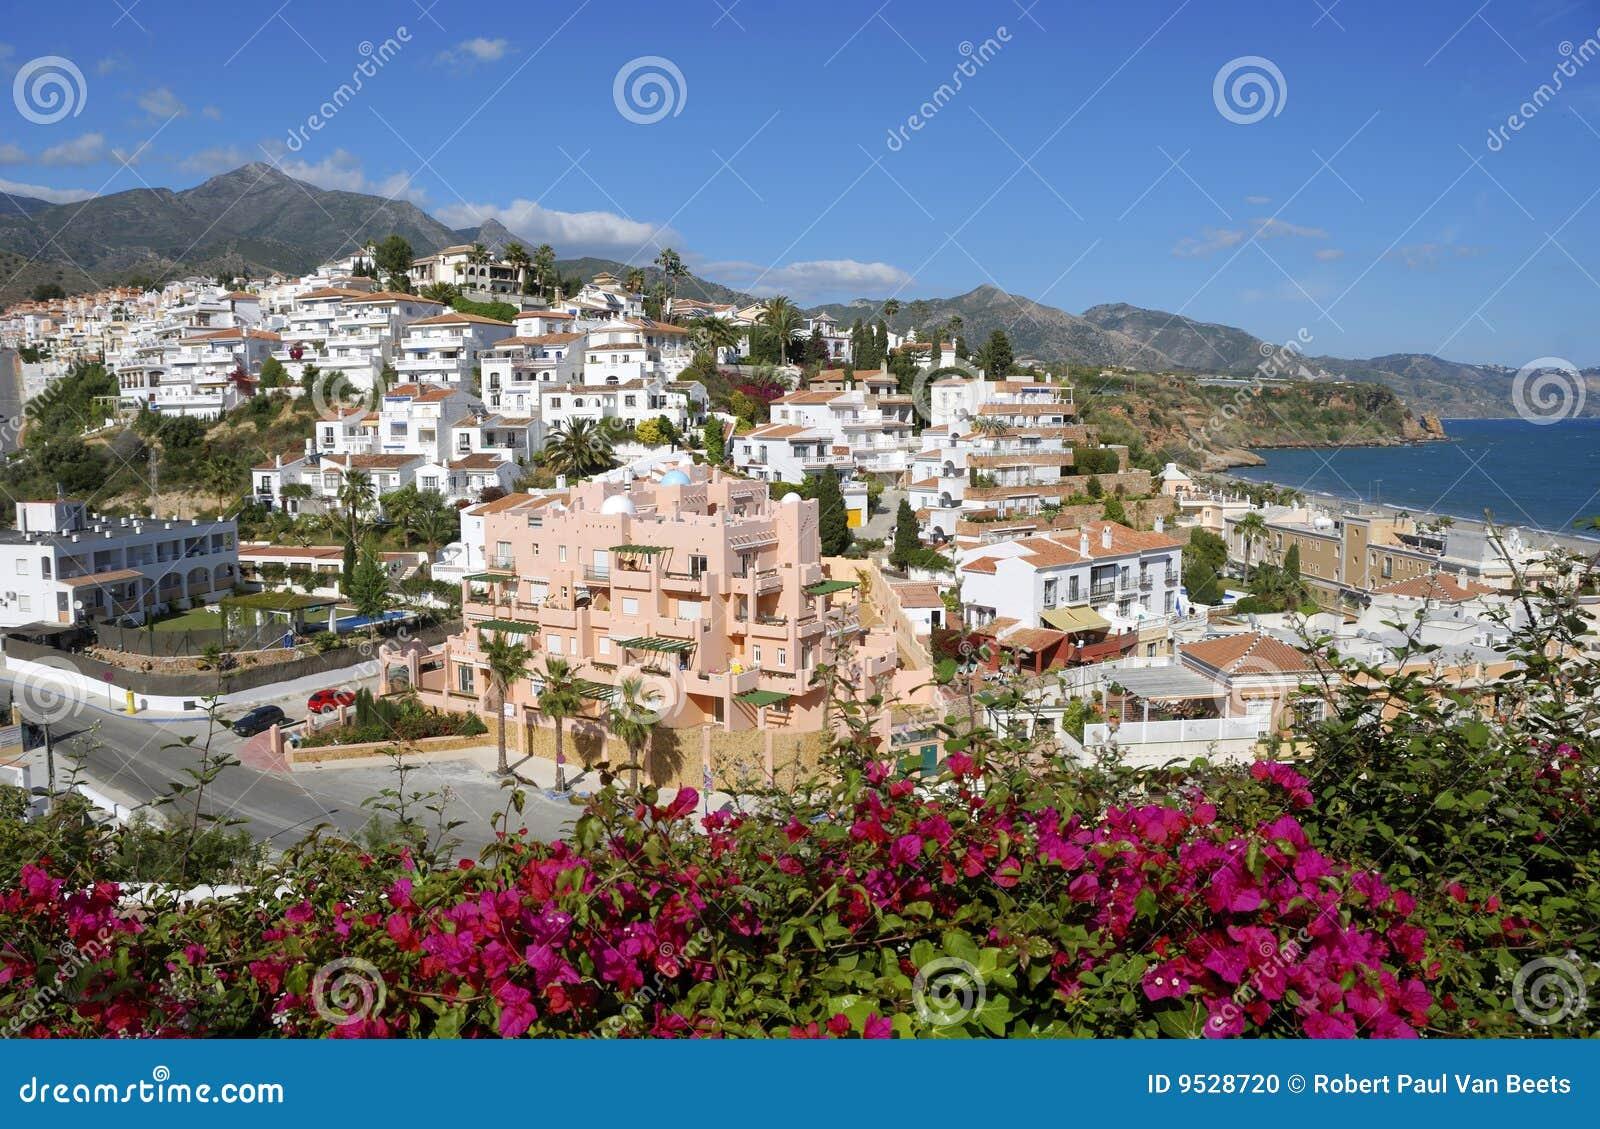 Das Dorf von Nerja in Spanien